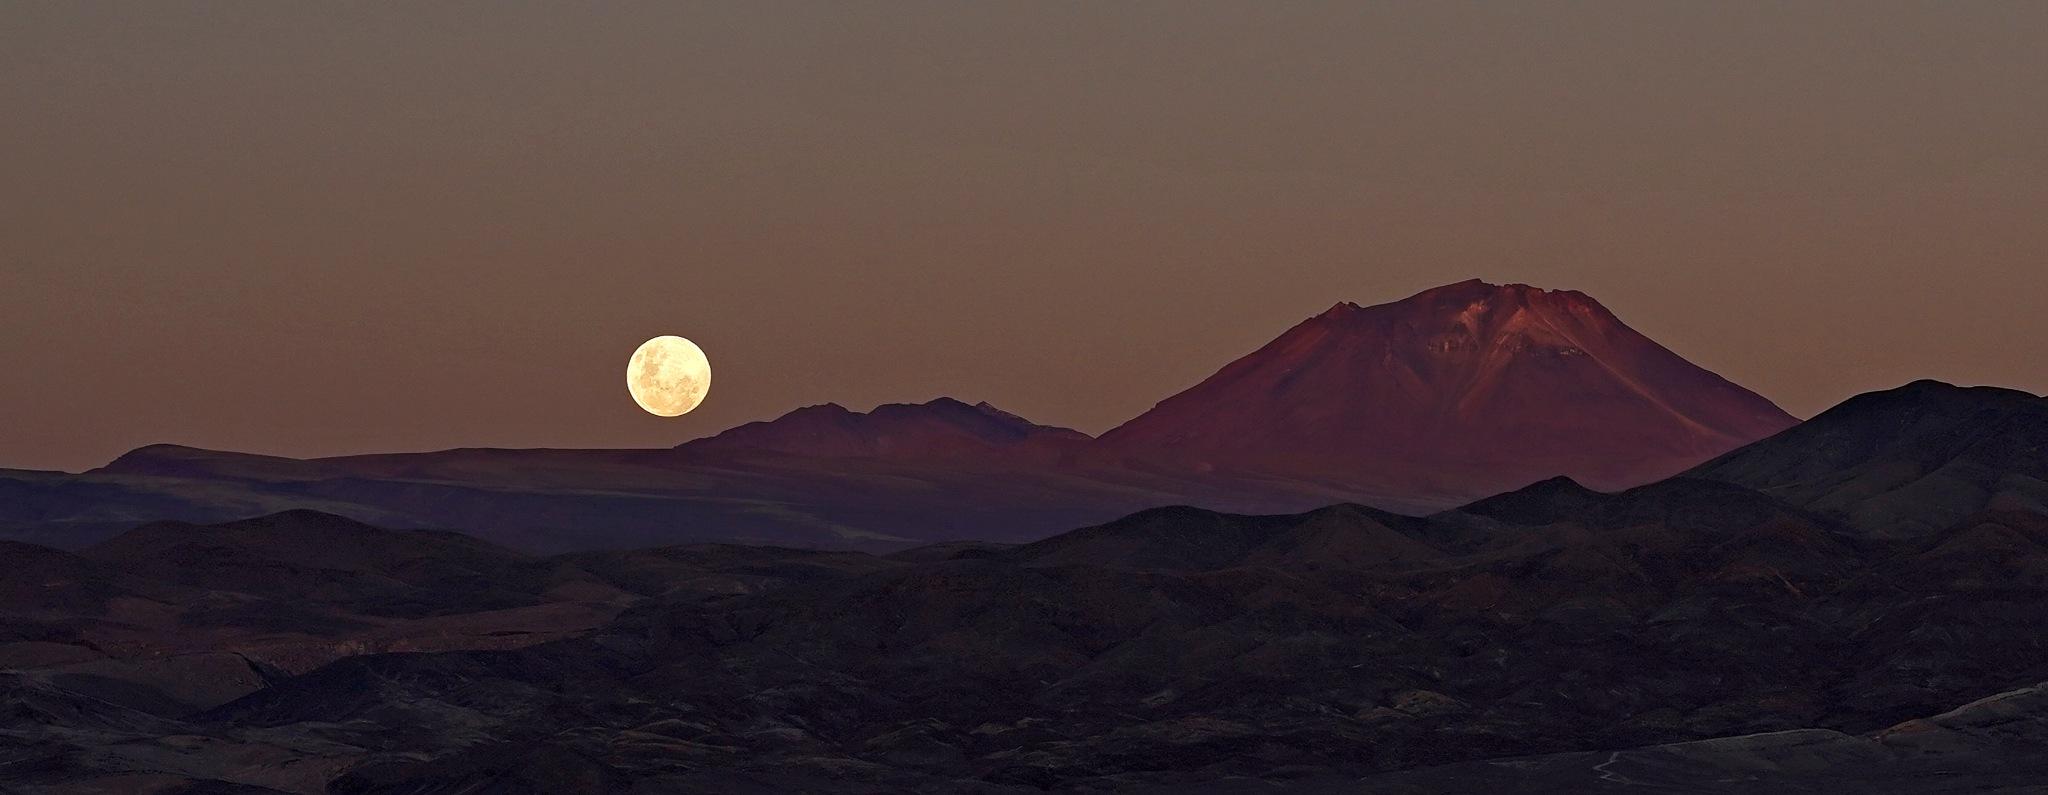 The moon over the Atacama ... by RenéBaldinger